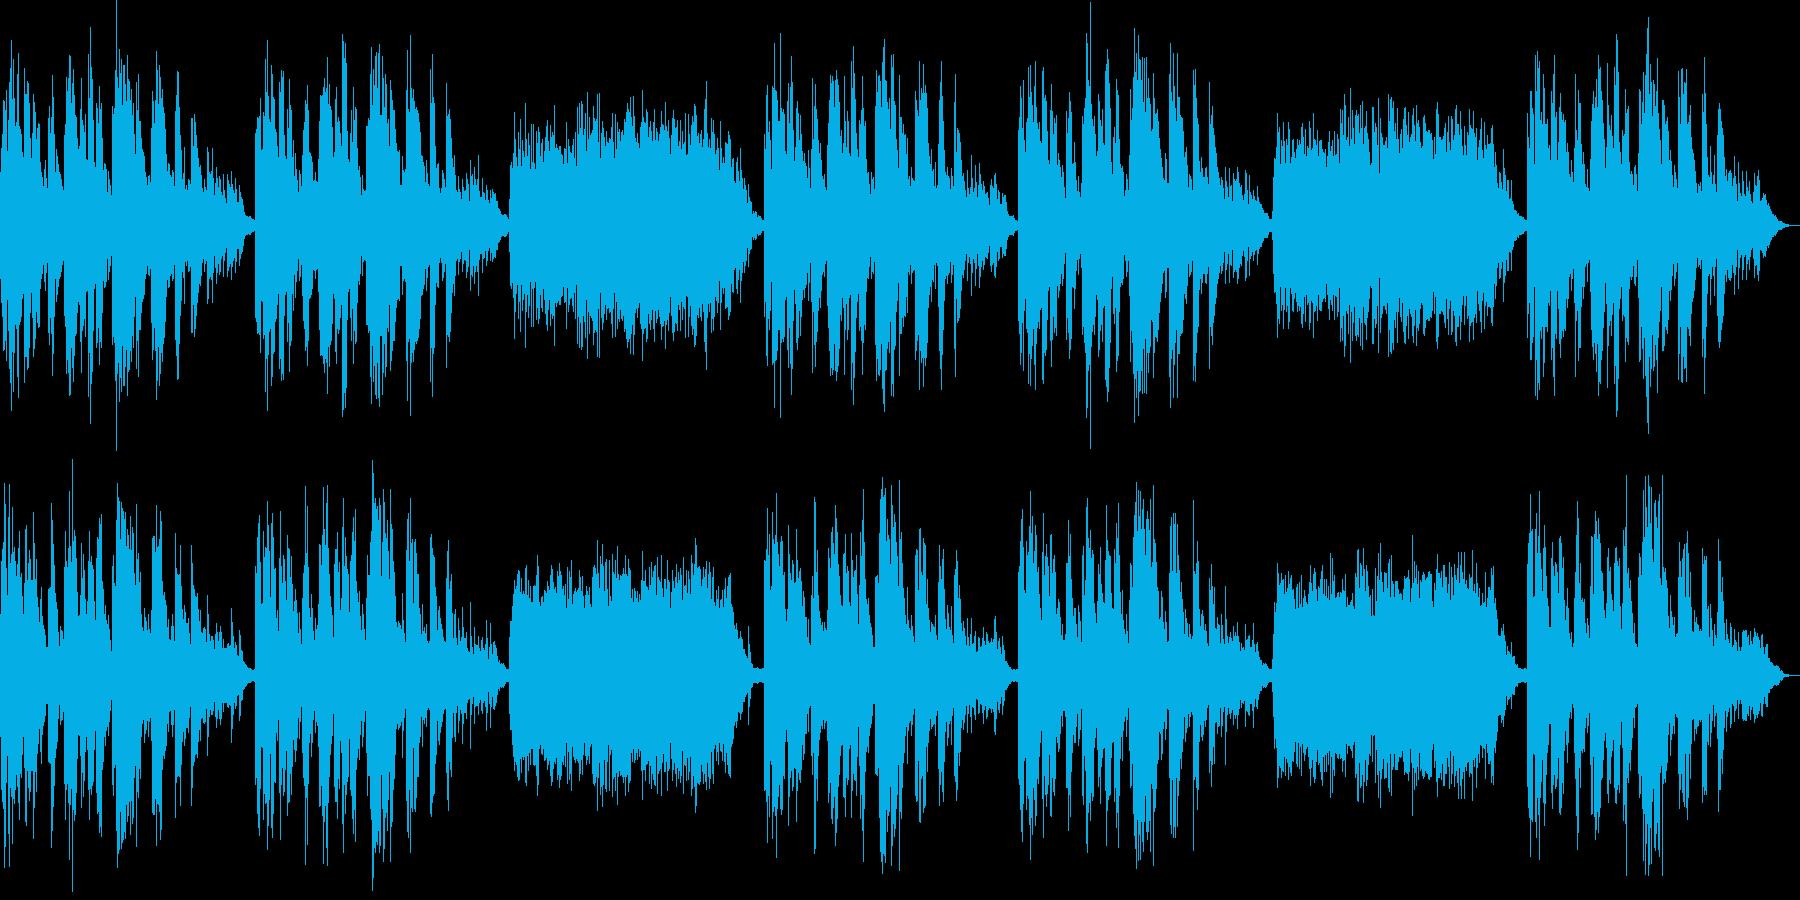 メモリアル系リラクゼーション曲の再生済みの波形